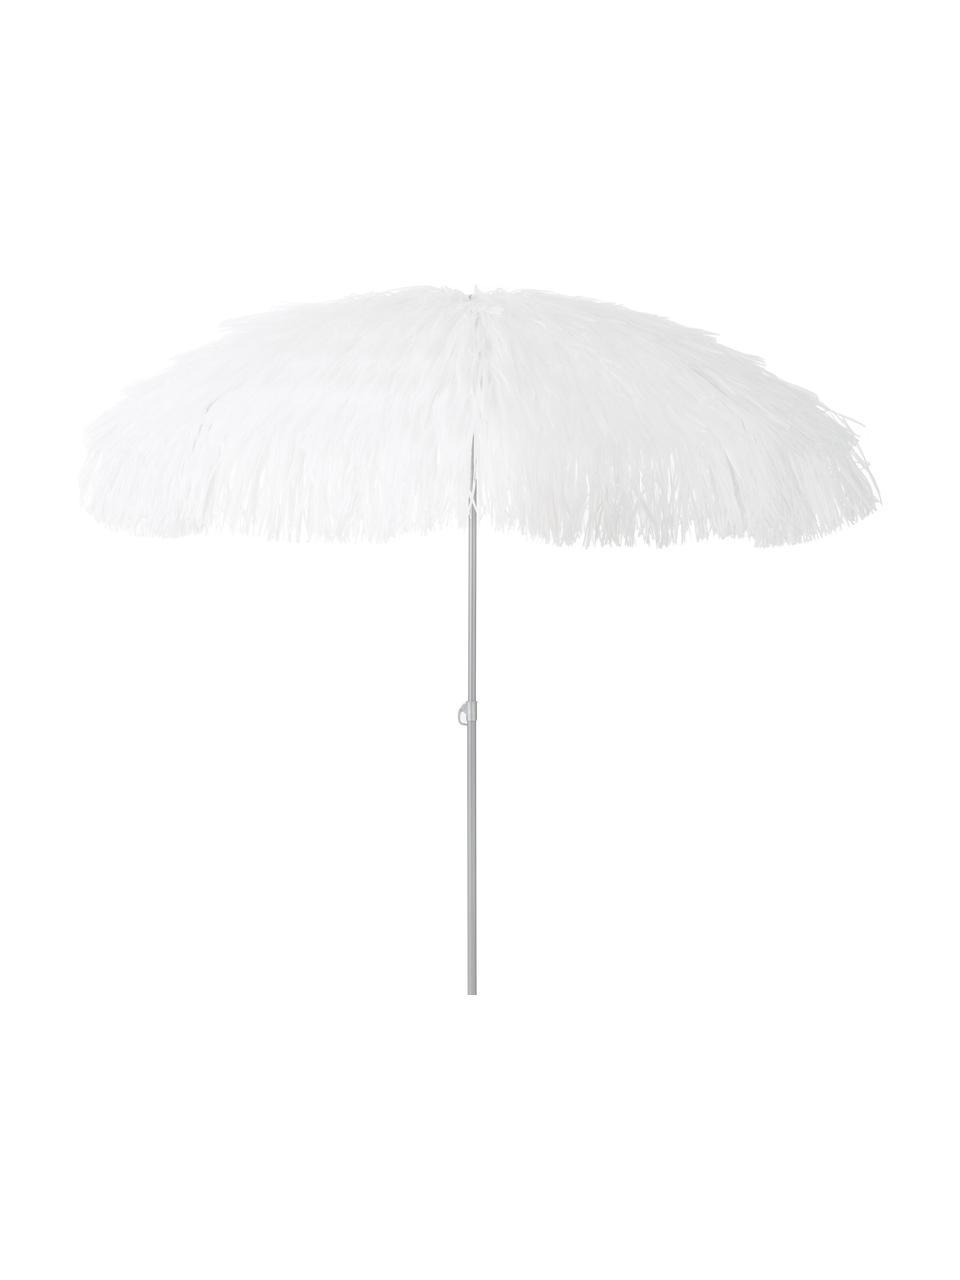 Witte parasol Hawaii met franjes, knikbaar, Ø 200 cm, Wit, Ø 200 x H 210 cm